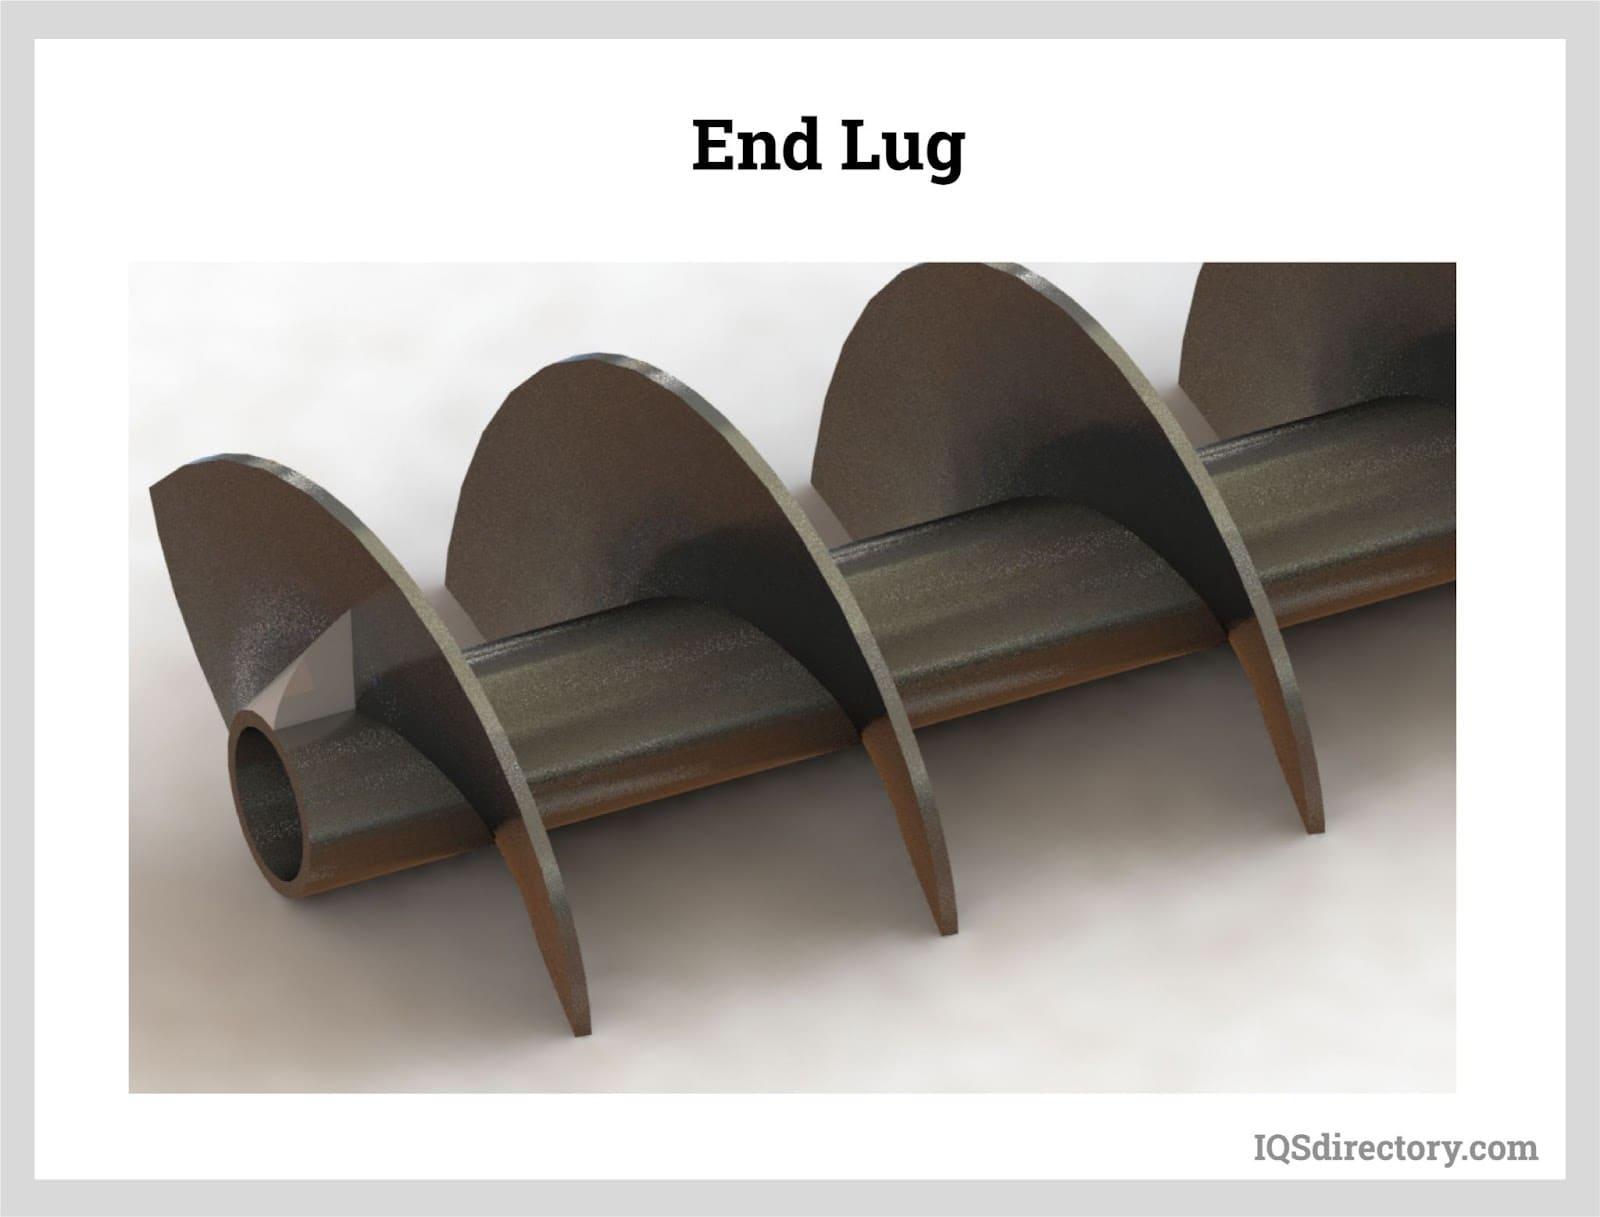 End Lug